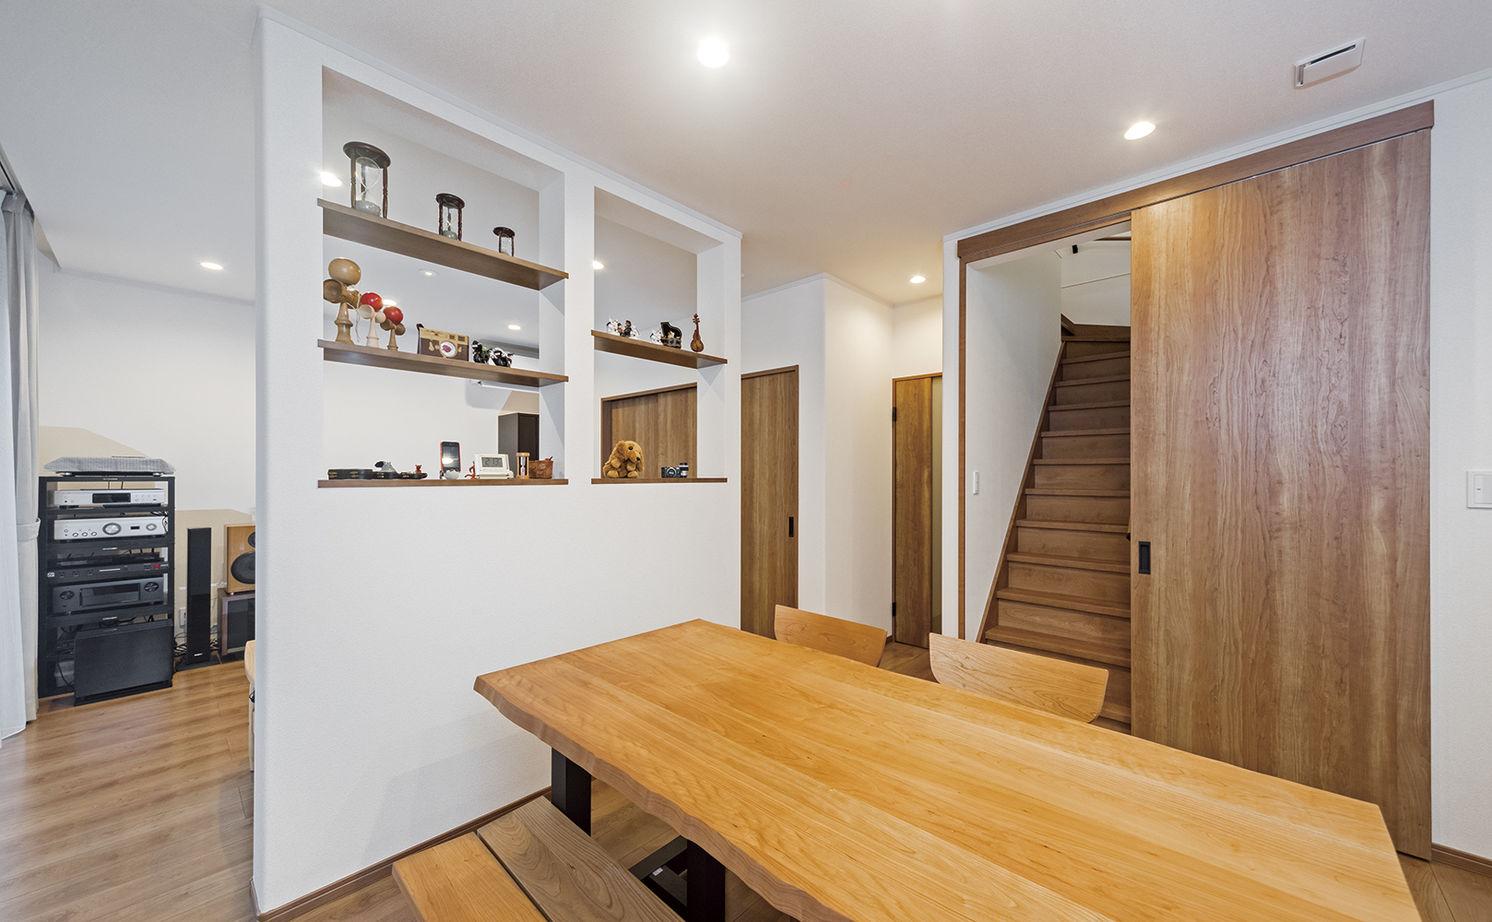 メンテナンスフリーな二世帯住宅は、孫にも受け継げる安心の品質画像3